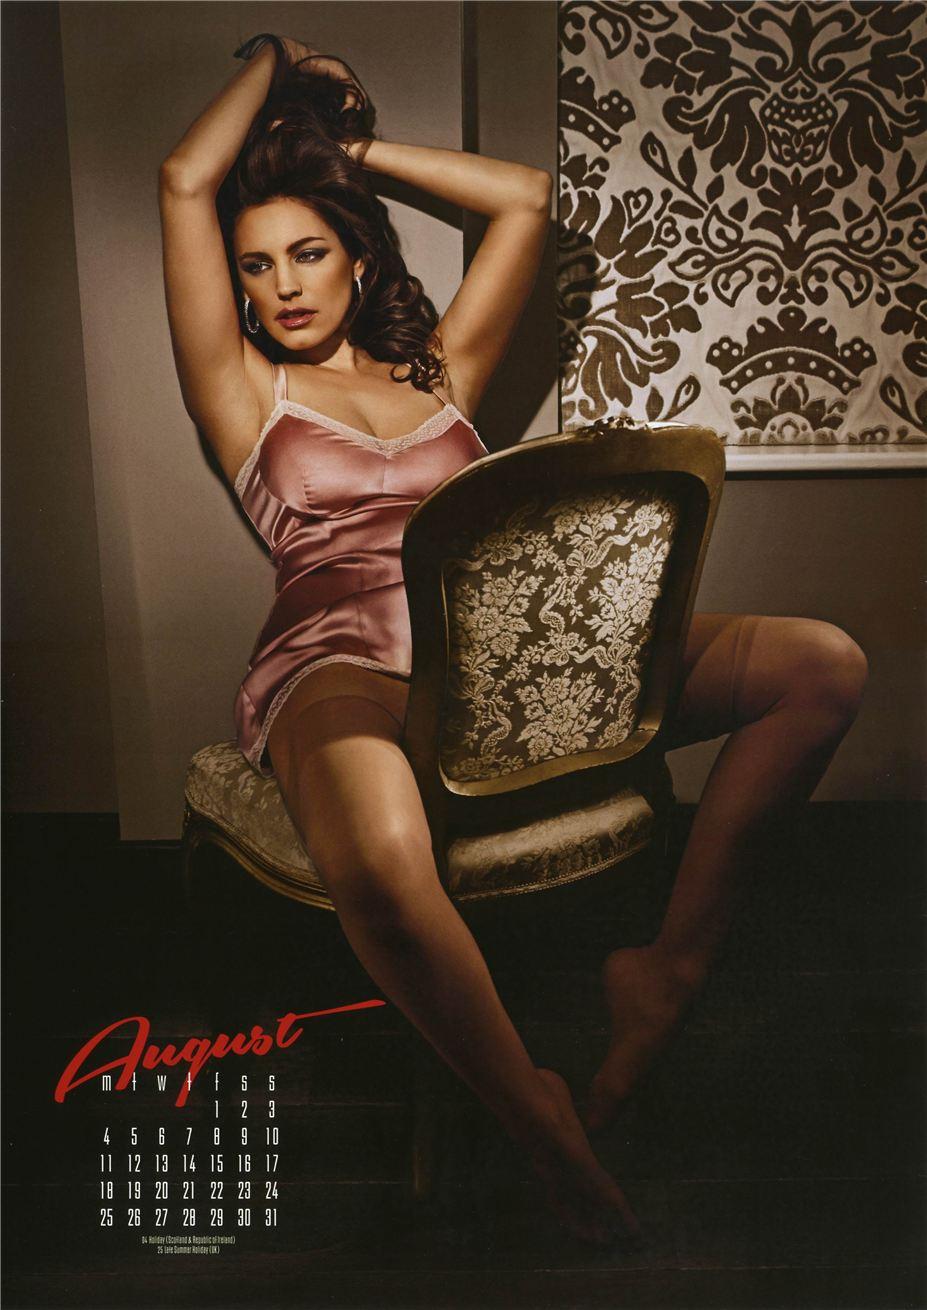 август - Календарь сексуальной красотки, актрисы и модели Келли Брук / Kelly Brook - official calendar 2014